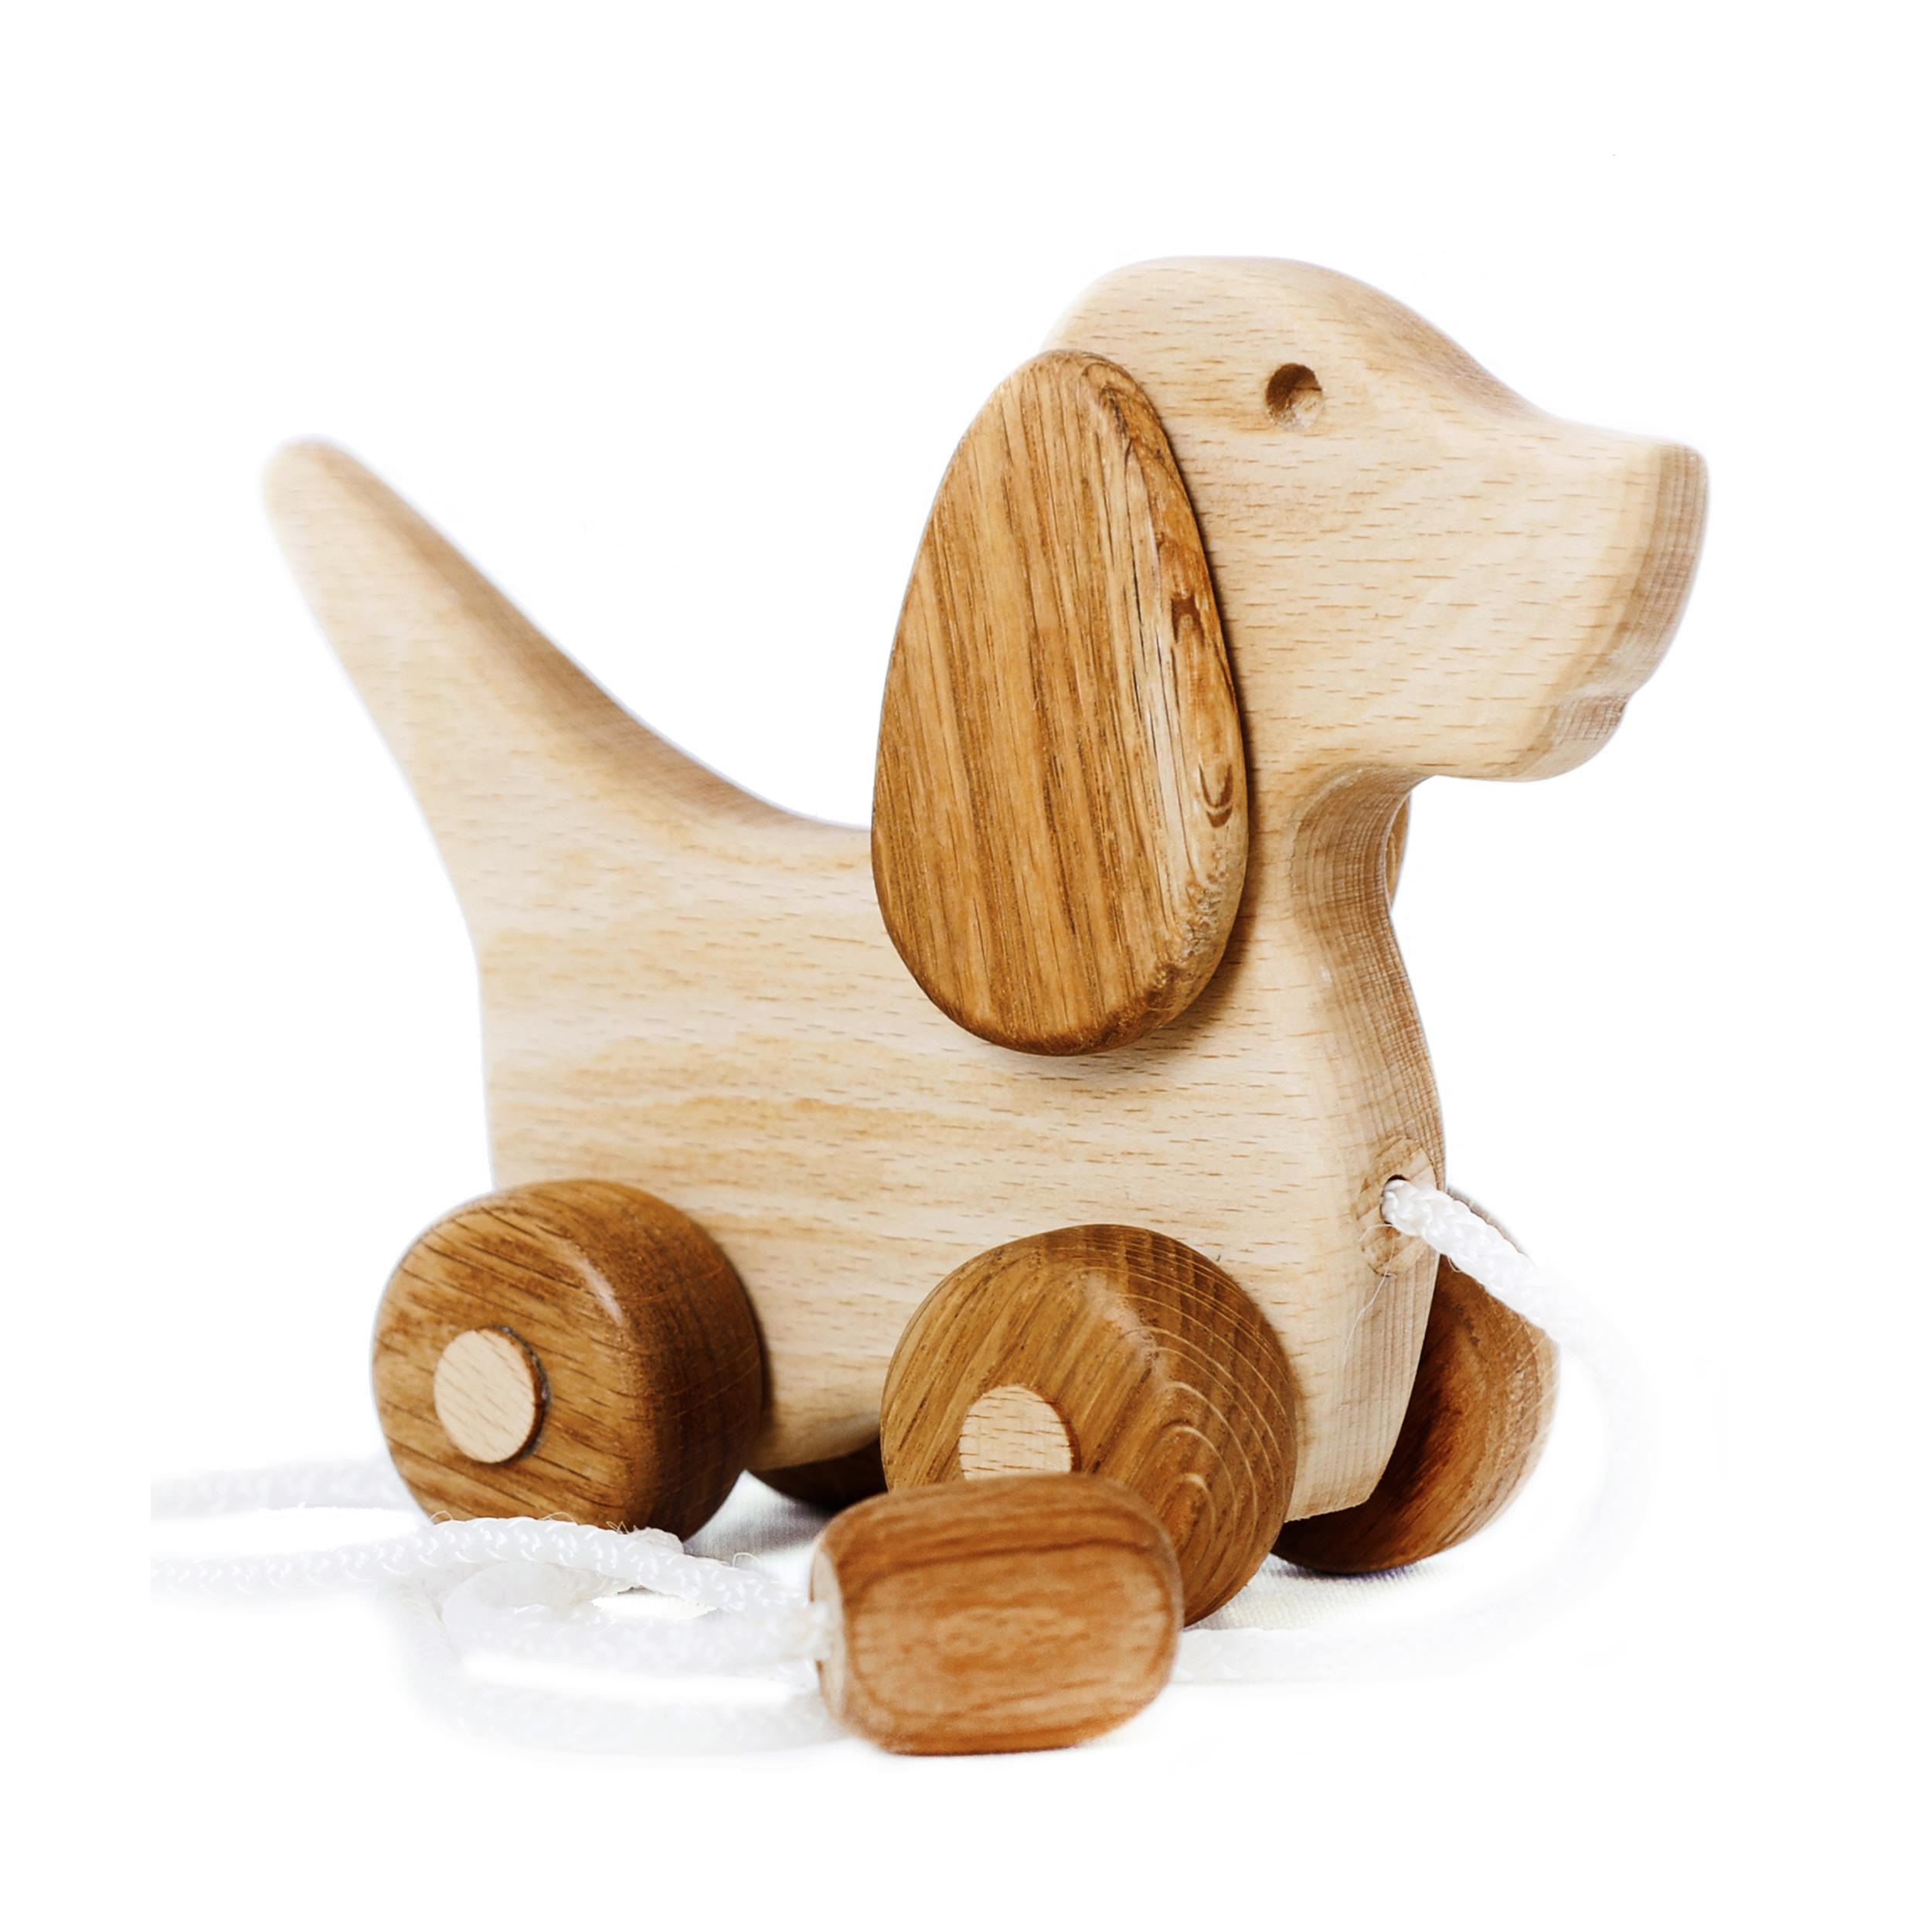 результате собачка из деревяшек картинки мать дарига держала